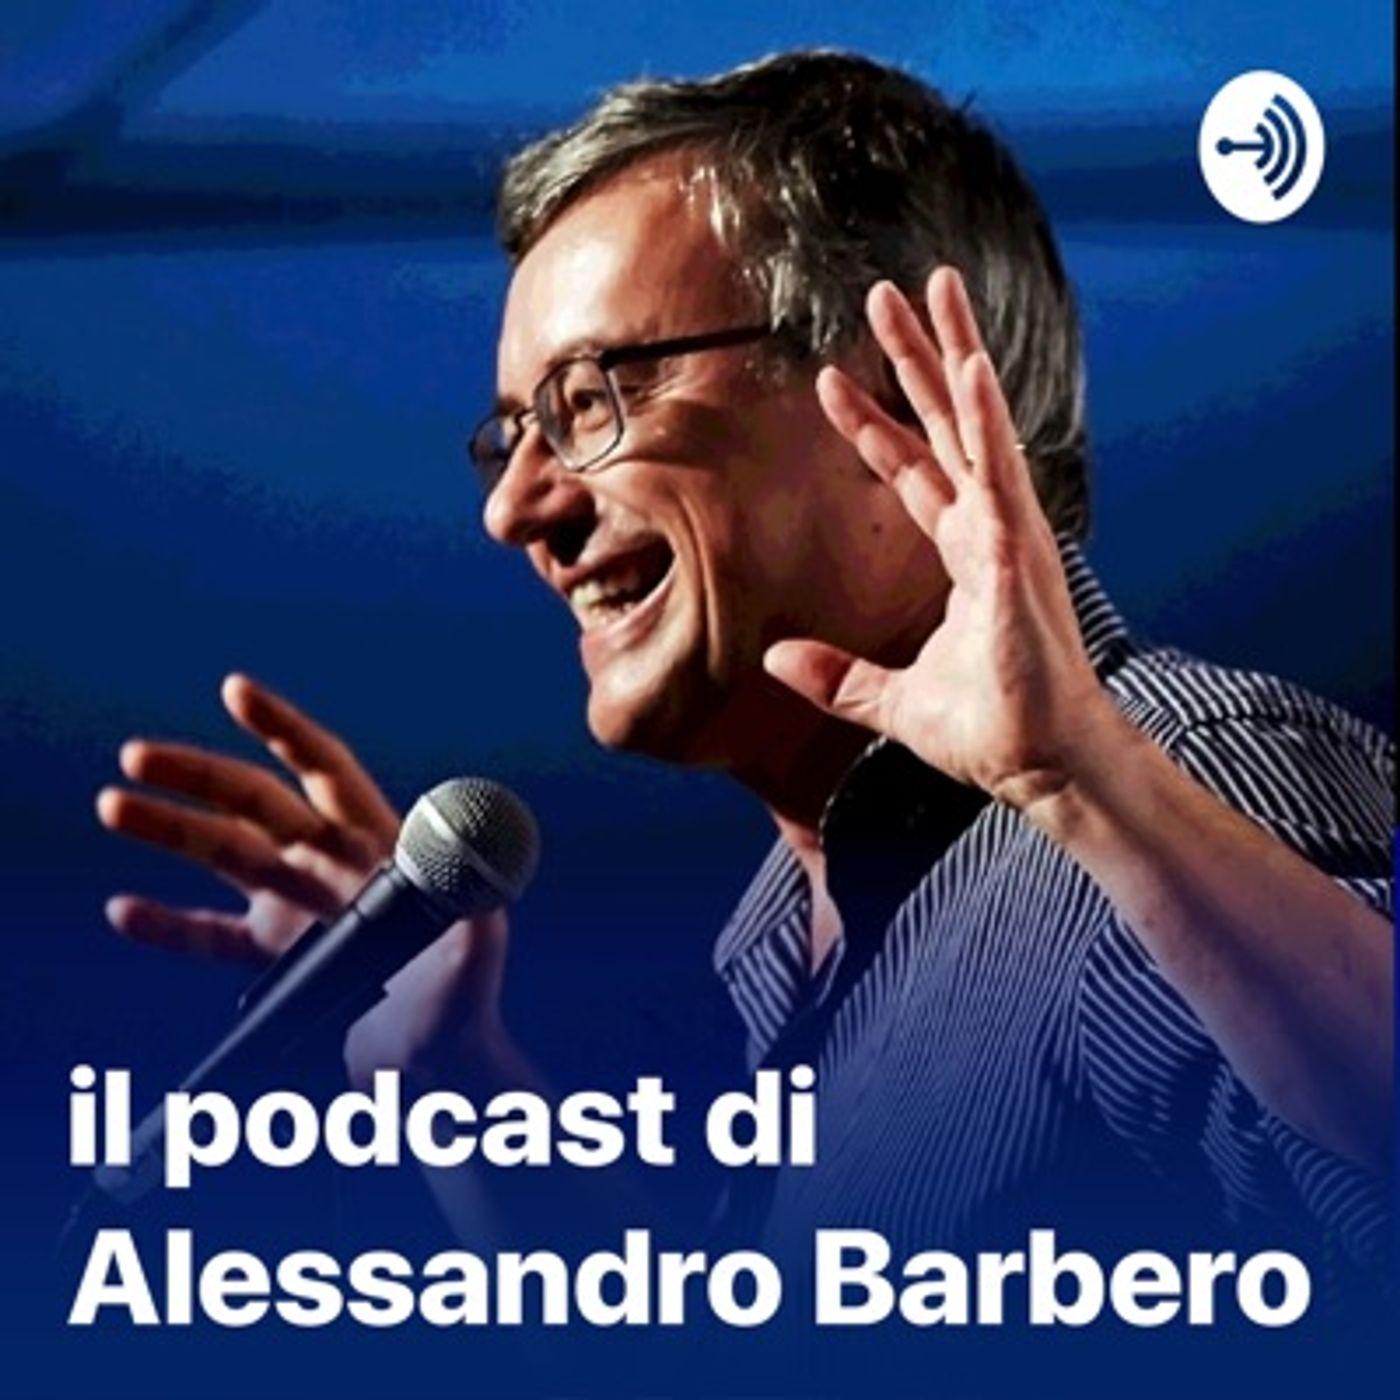 Episodio 45, speciale: crossover con il podcast di Alessandro Barbero